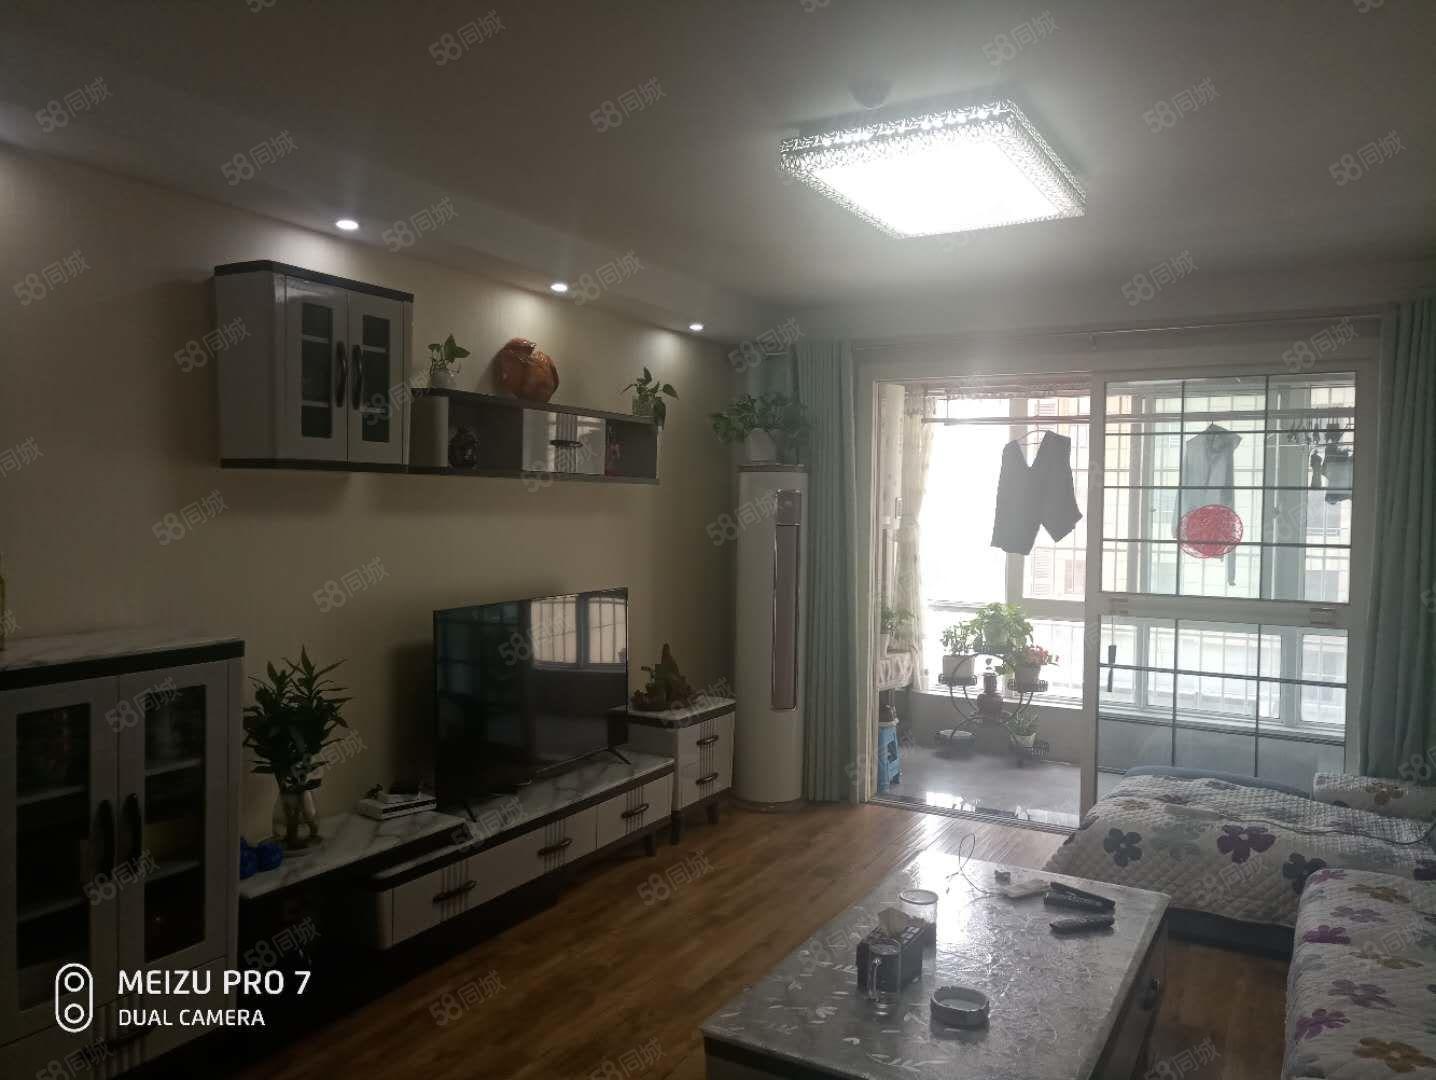 林溪灣精裝修三室兩廳兩衛117平方電梯五樓送家具家電105萬